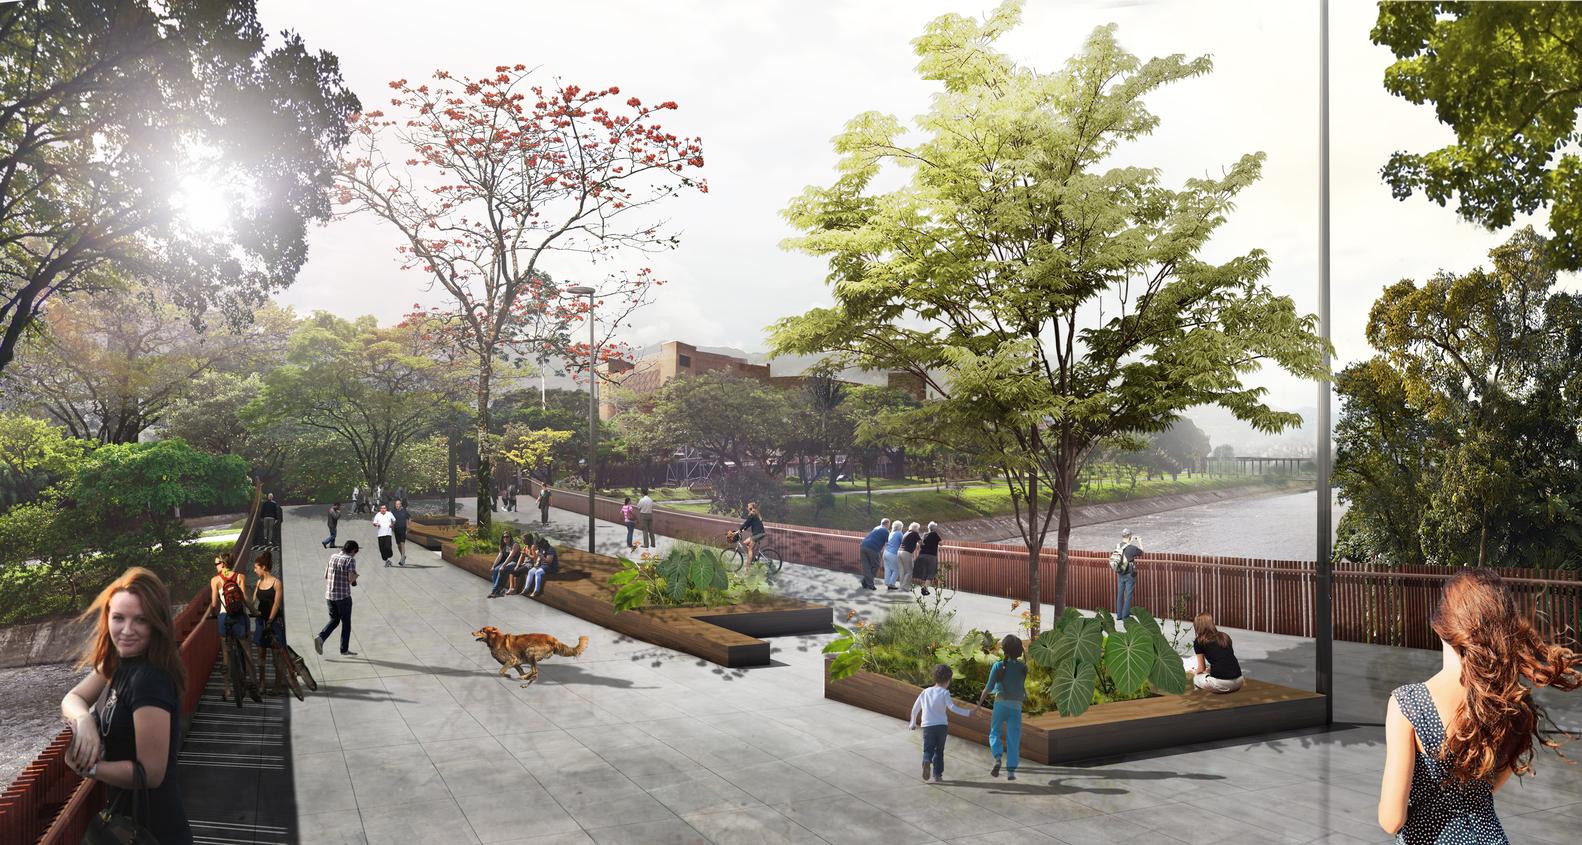 Medellin River Parks and Botanic Park